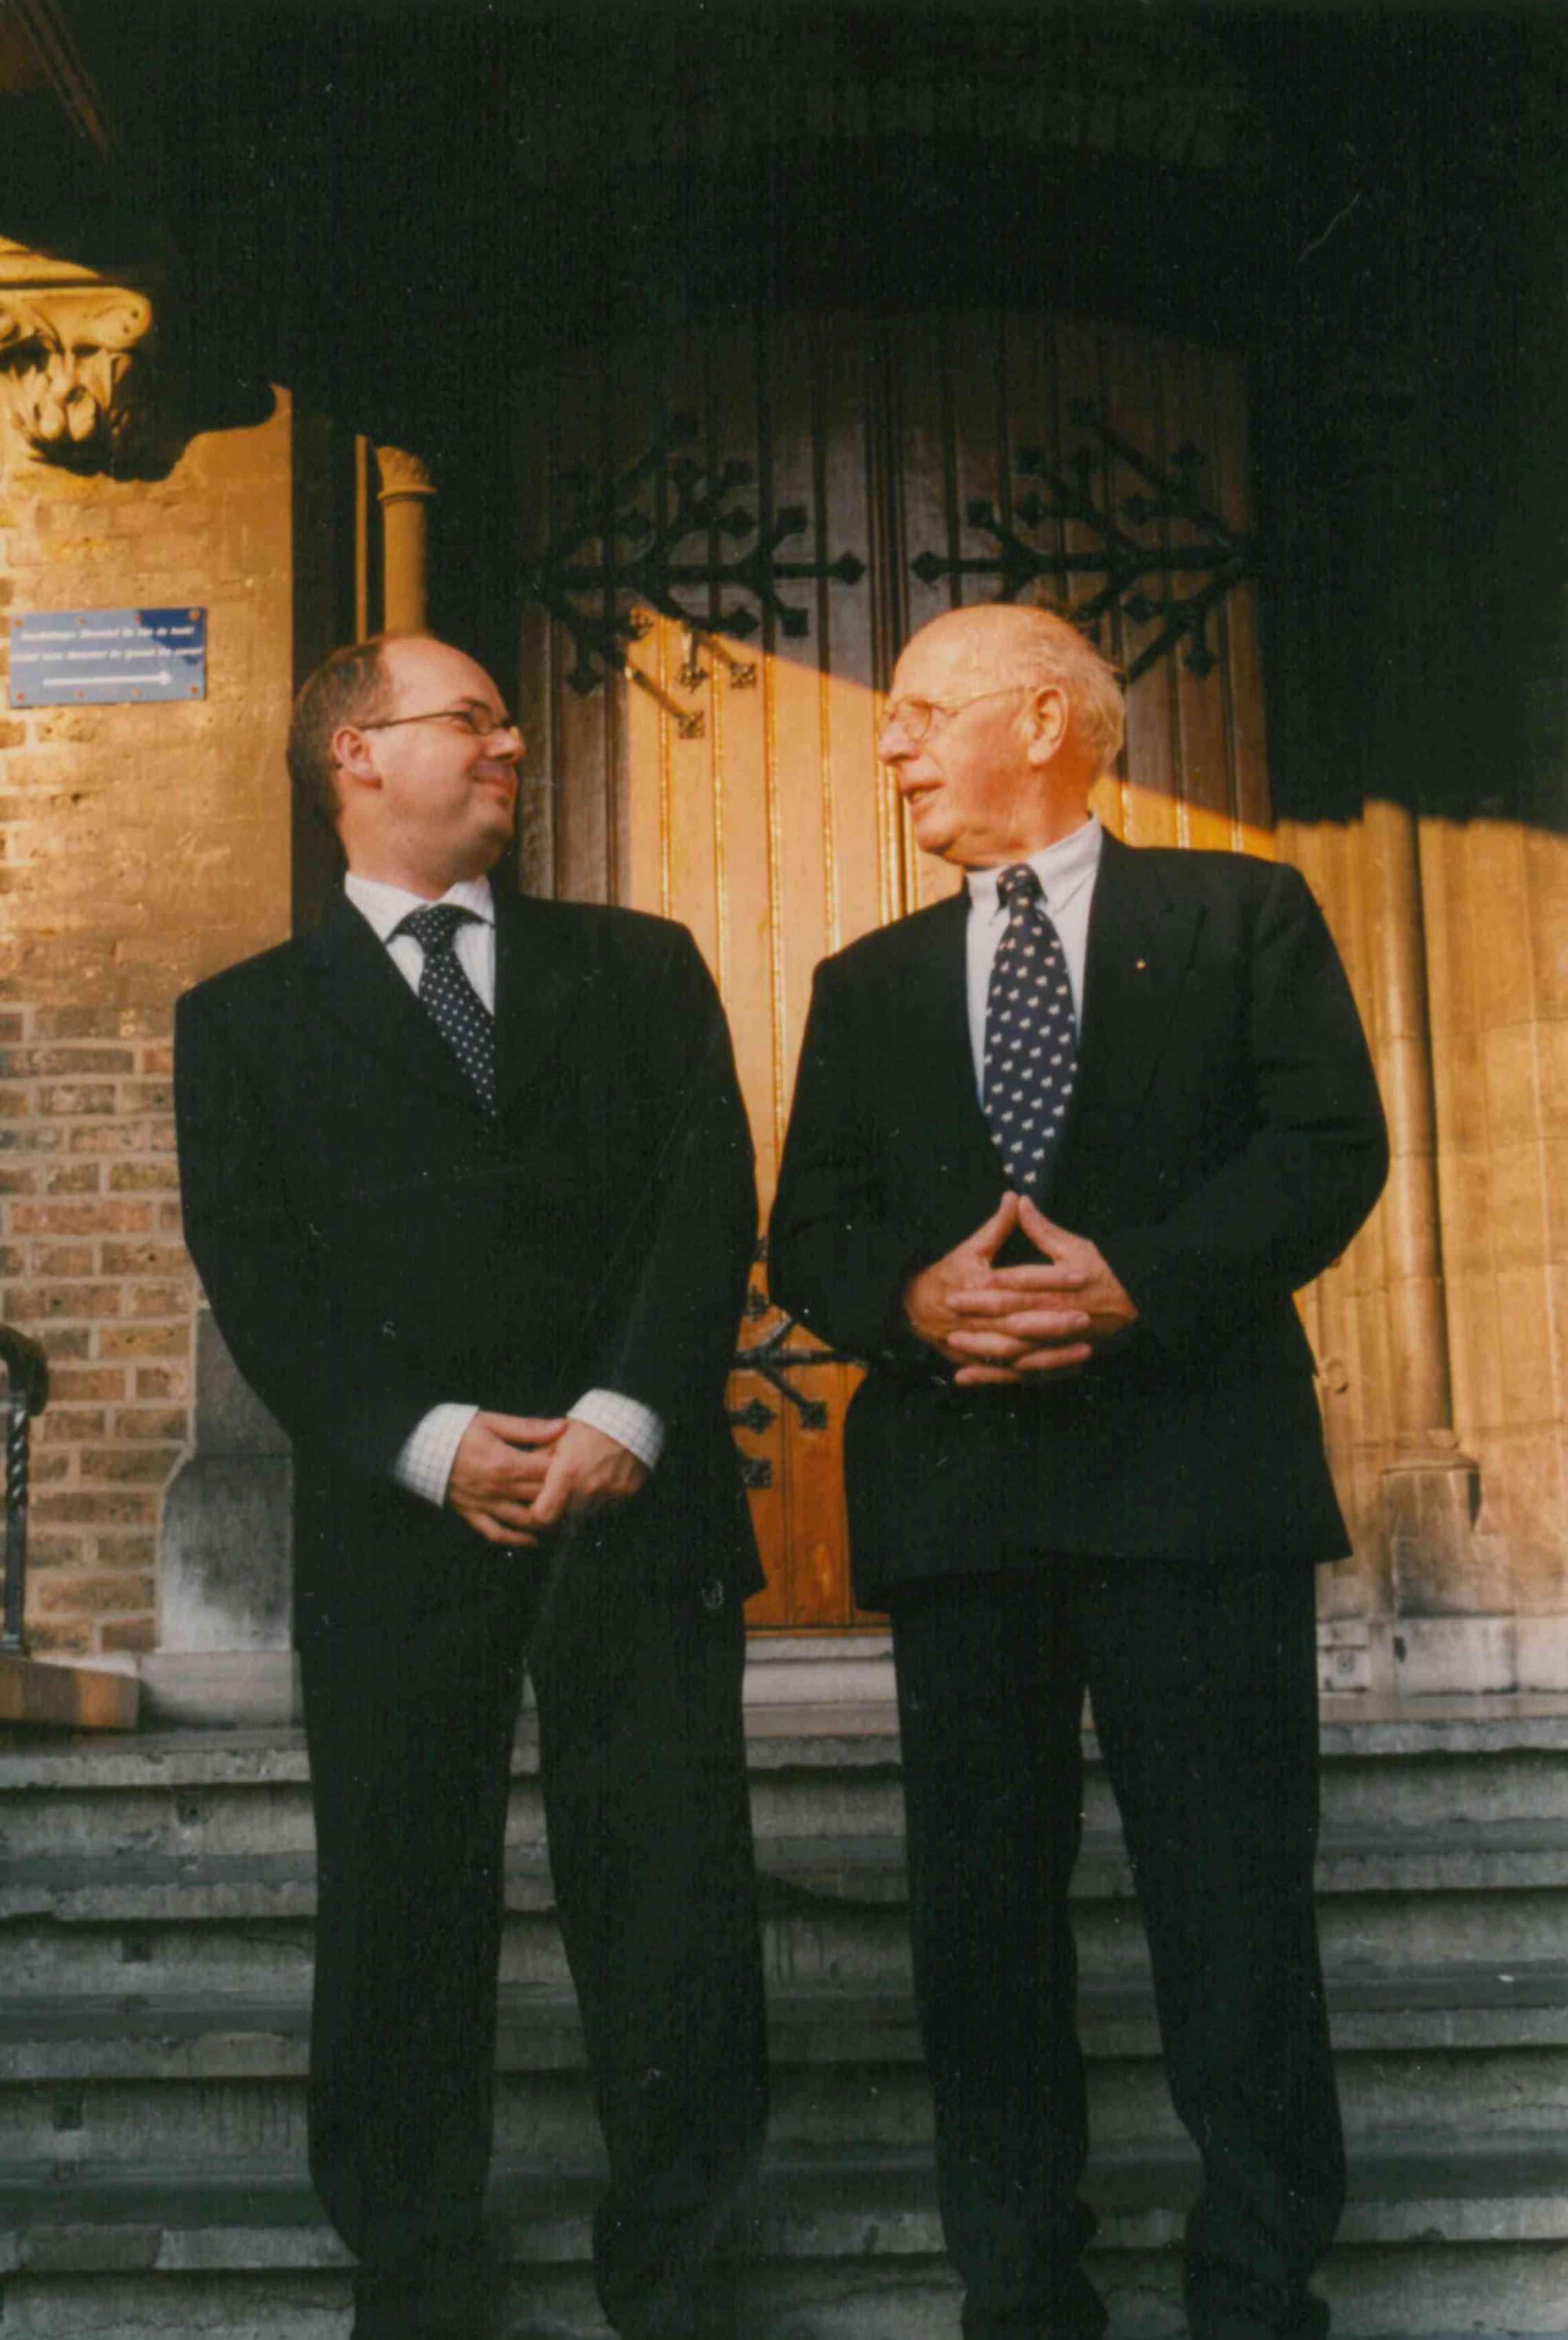 19990730.Sjef beediging - - van Swaaij Cassastie & Consultancy - cassatieadvocaat - cassatie advocaat